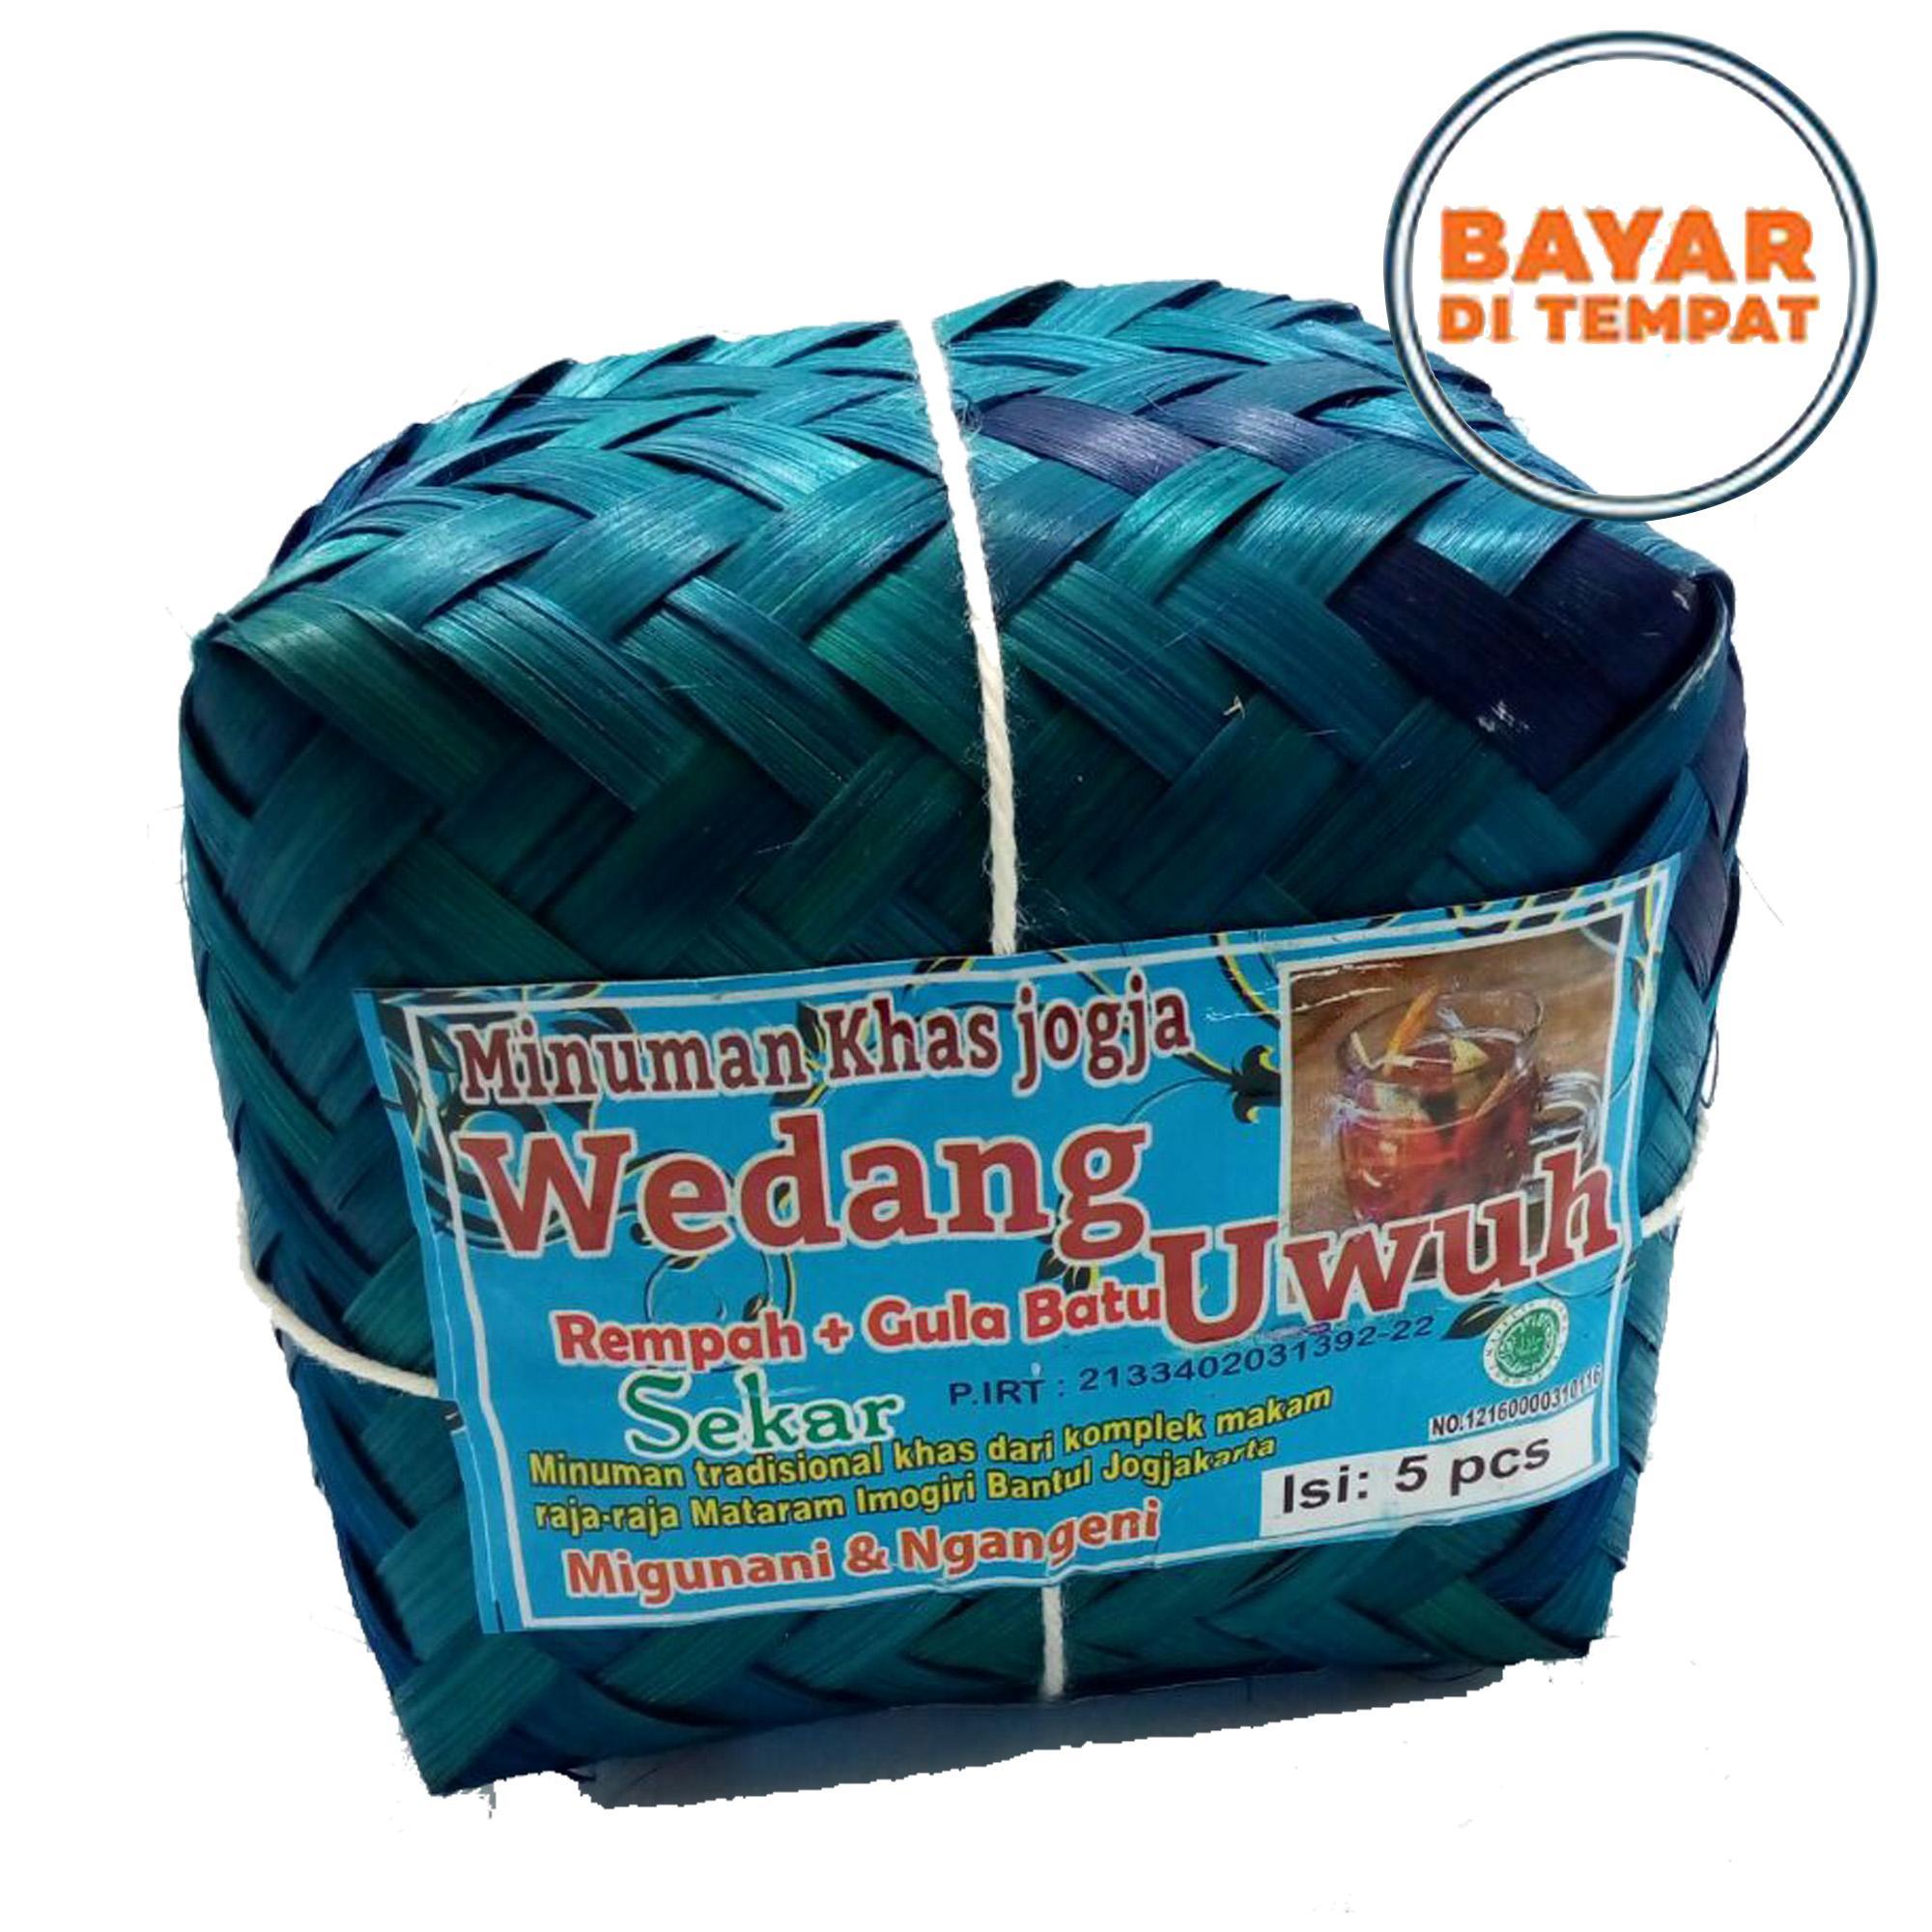 Djogja Market - Wedhang Uwuh Jogja | Wedang Uwuh Besek | Wedang Uwuh isi 5 pcs